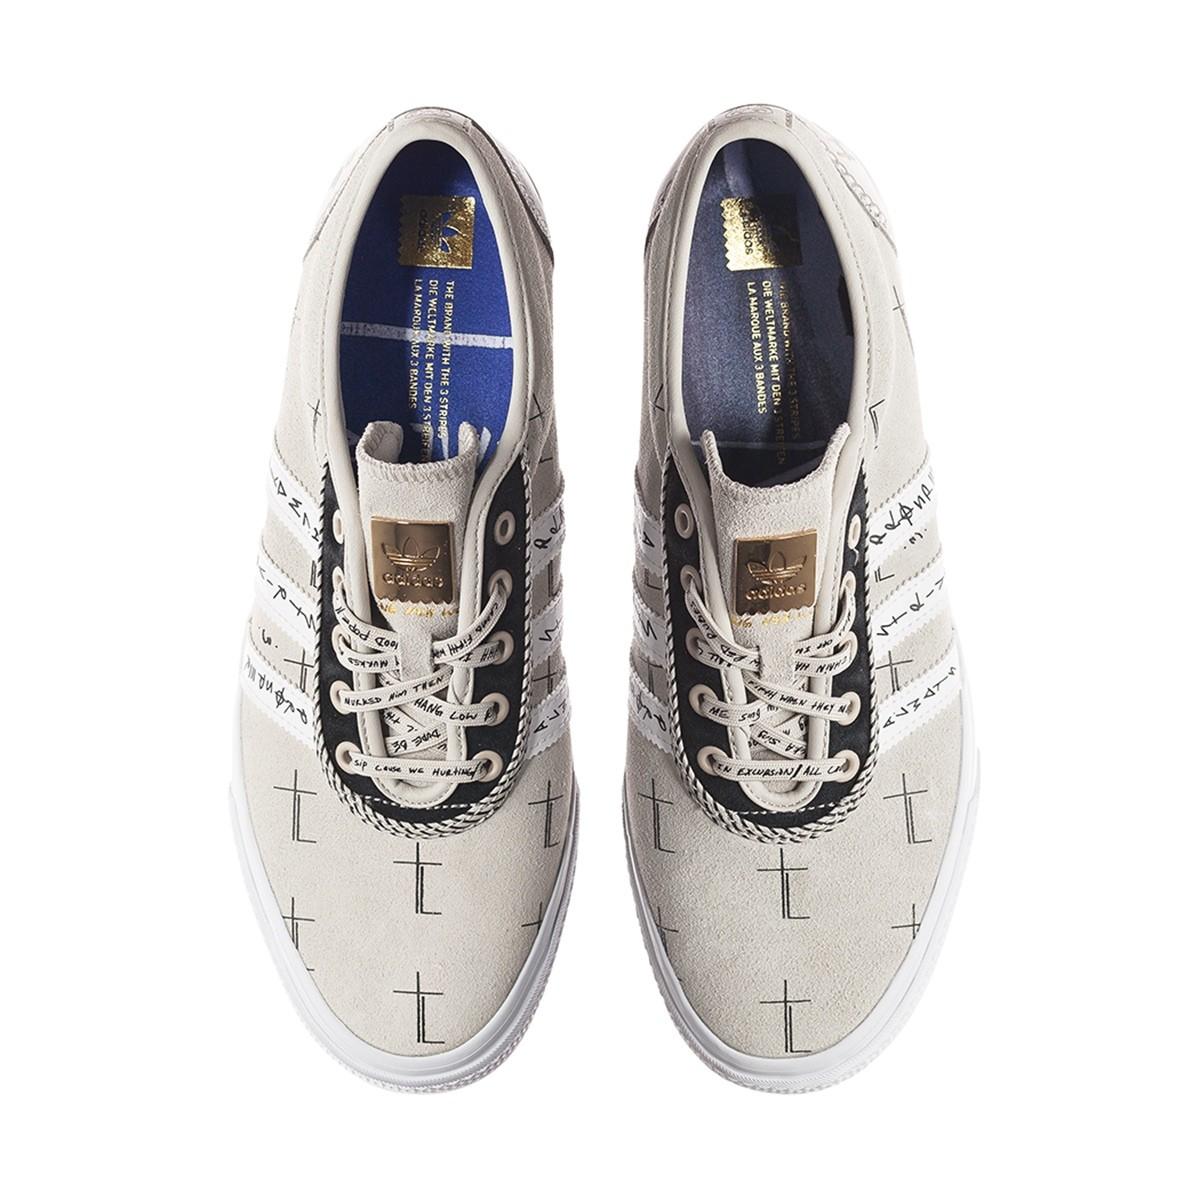 Adidas Originals Adi Ease AAP FERG trampa señor Collection zapatilla en